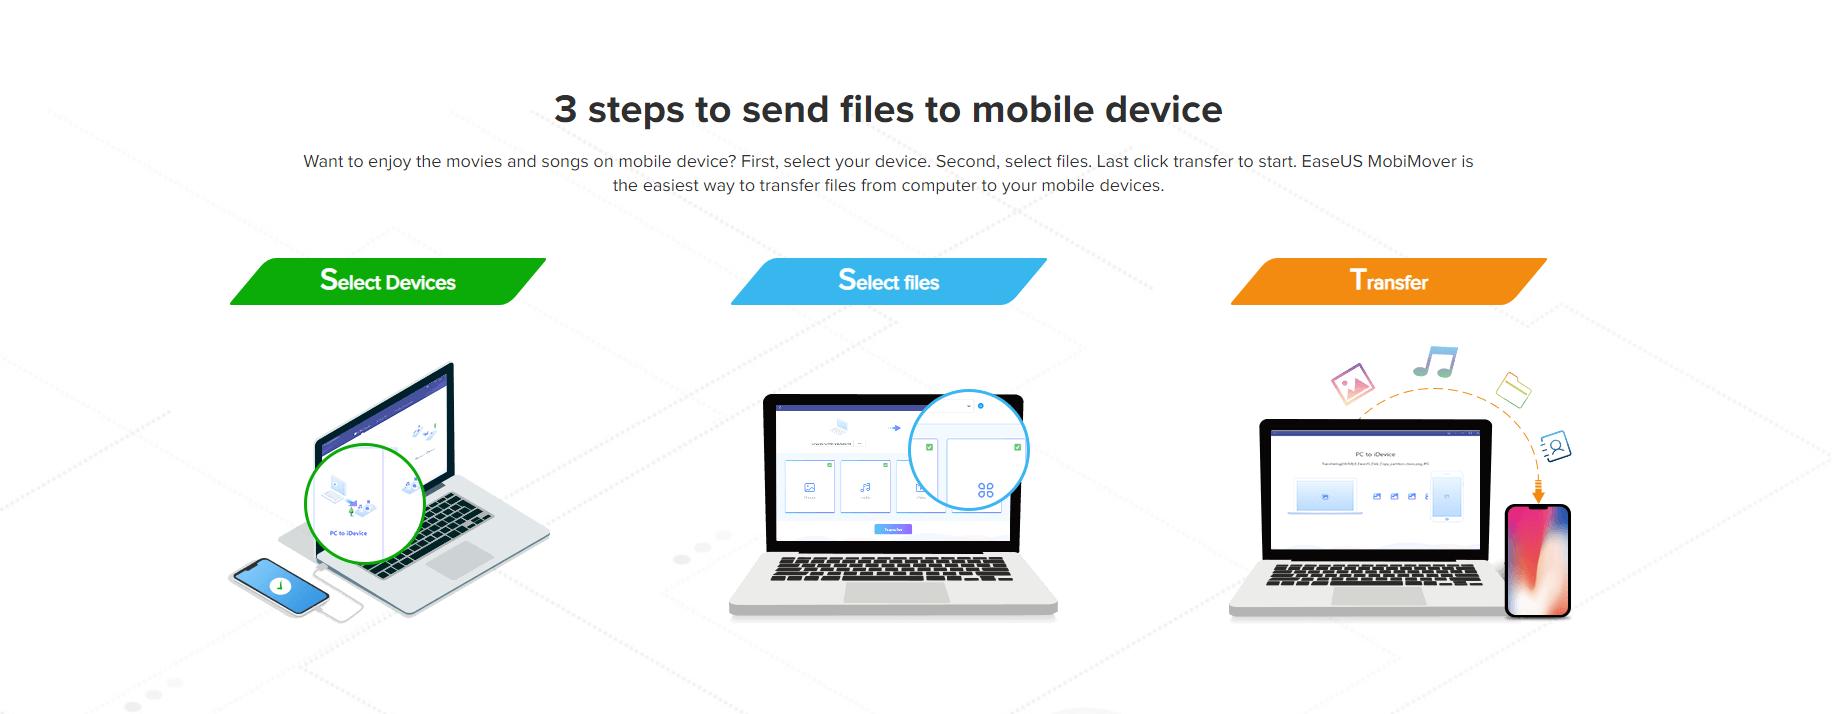 كيفية نقل البيانات من و الي هاتفك الـiPhone عن طريق Easeus Mobimover 2